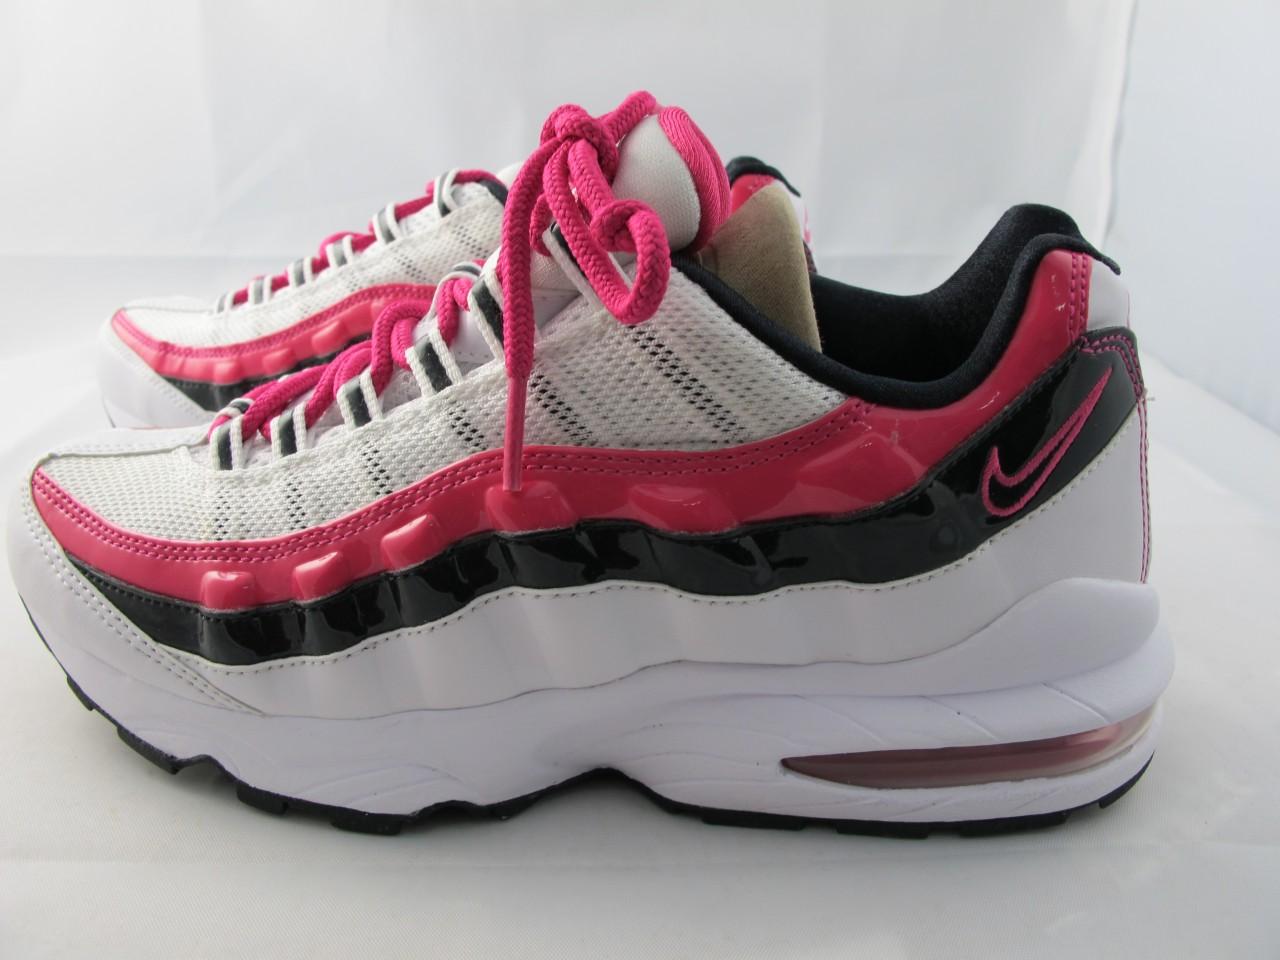 Nike Air Max Express Pink